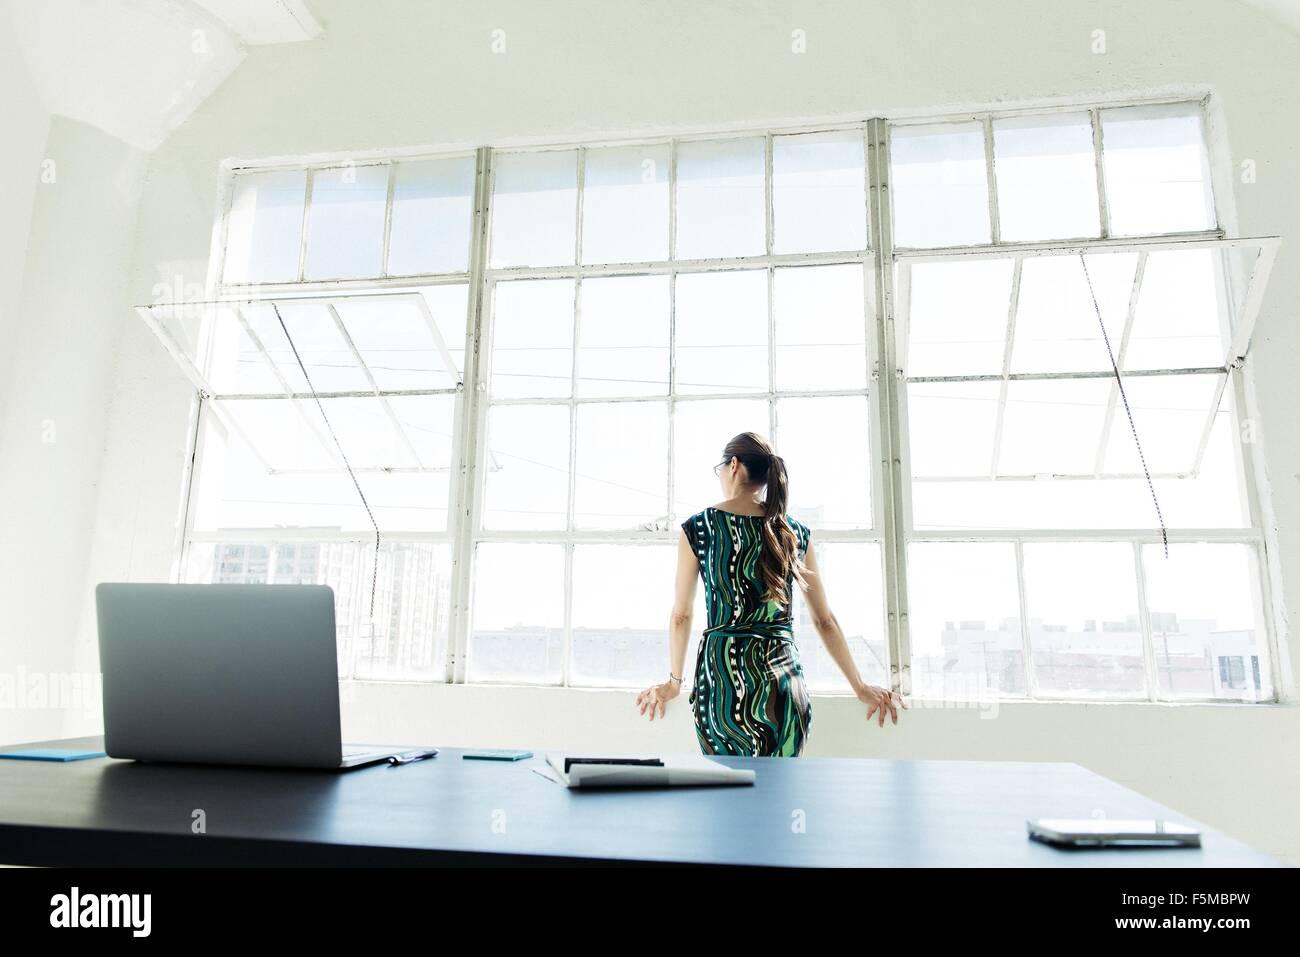 La empresaria busca la ventana fuera de la oficina Imagen De Stock